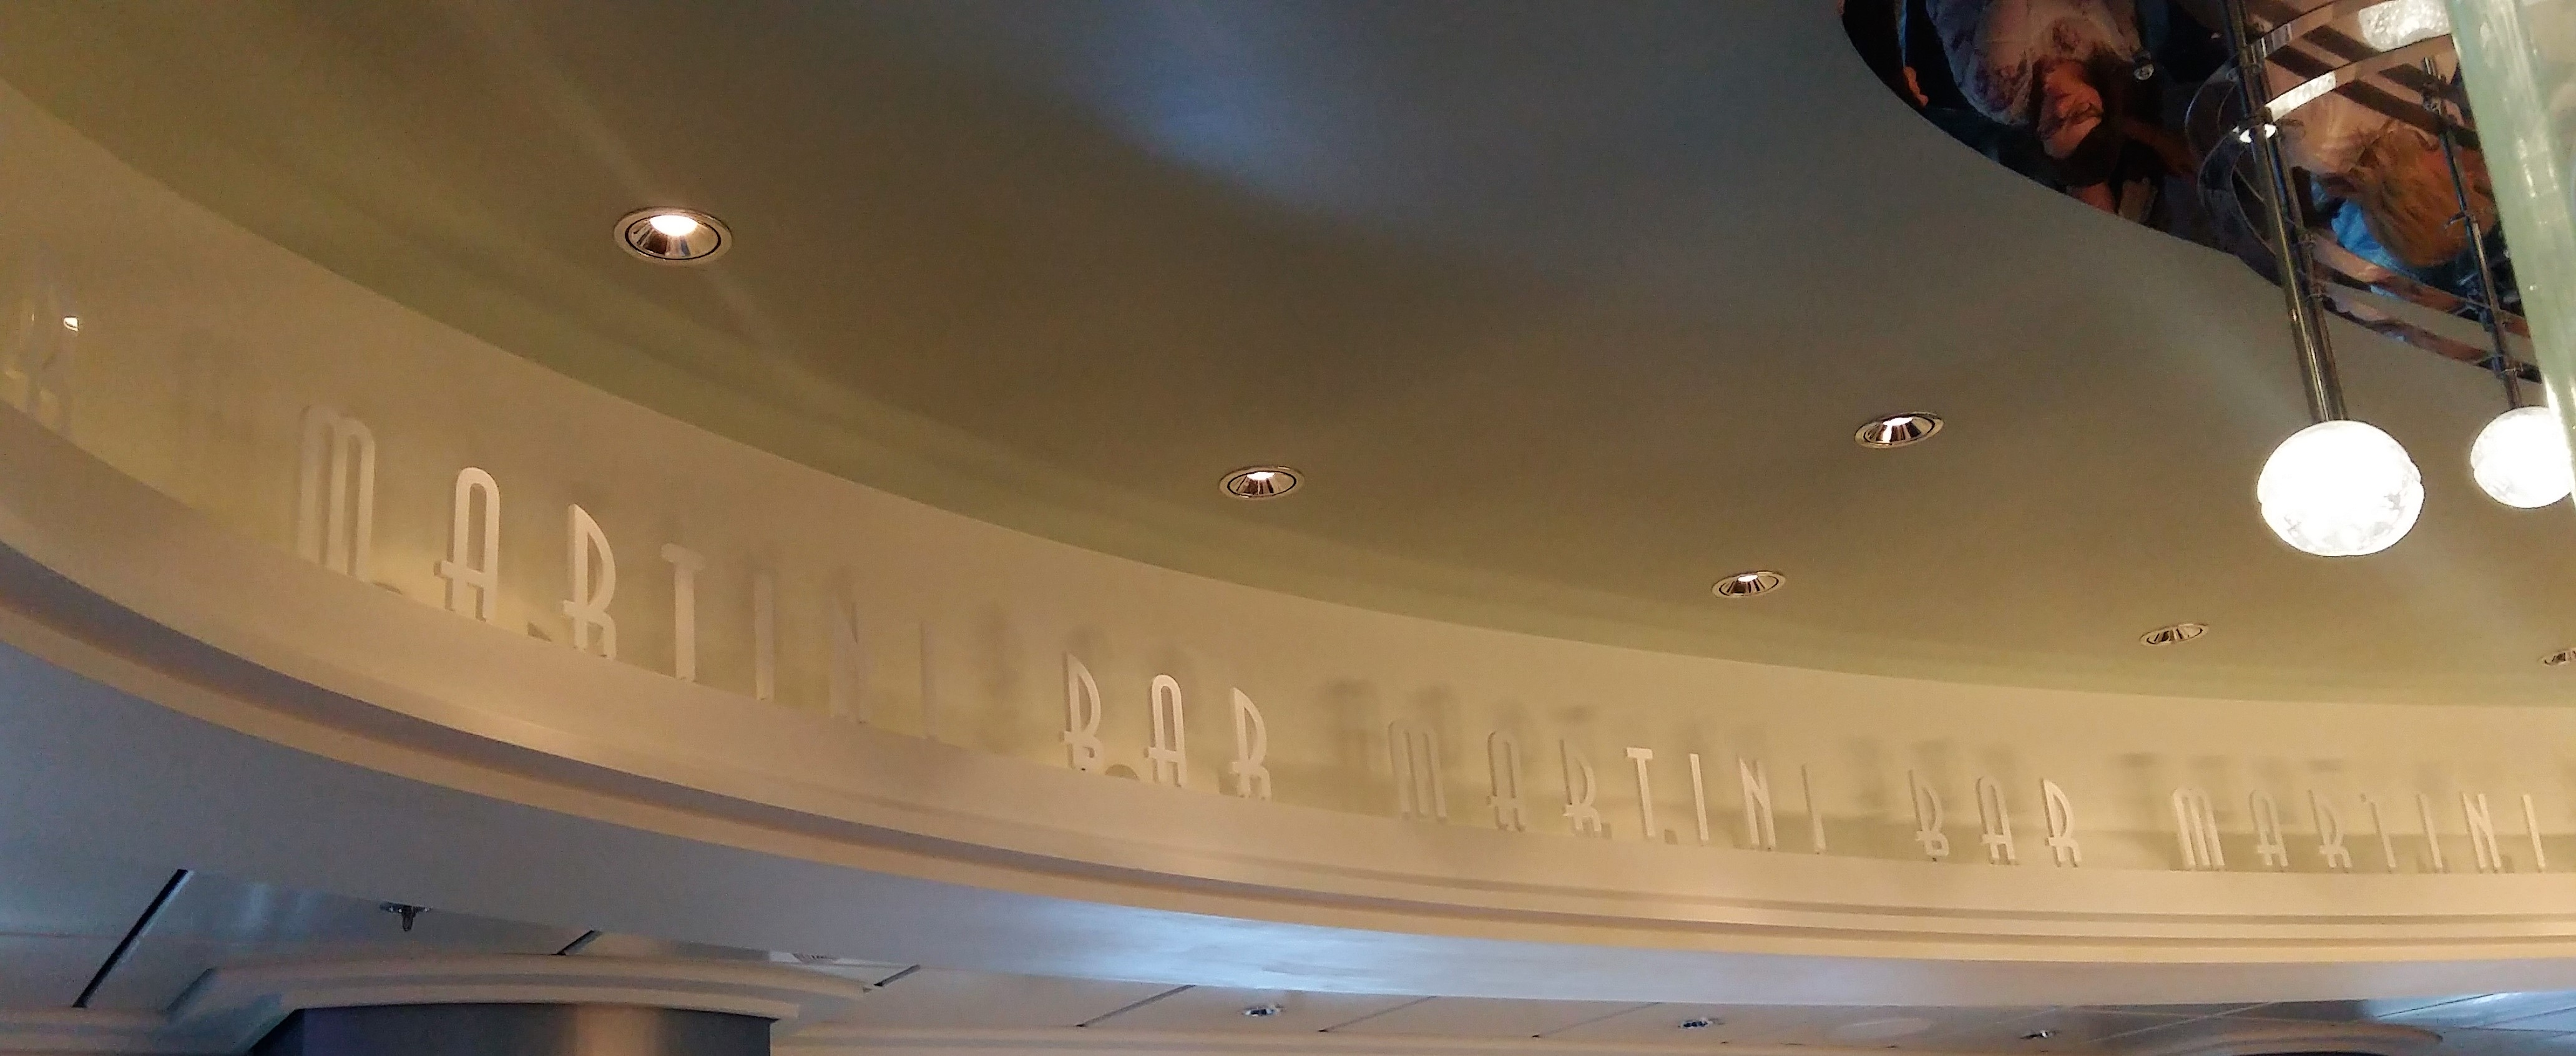 Martini Bar Sign